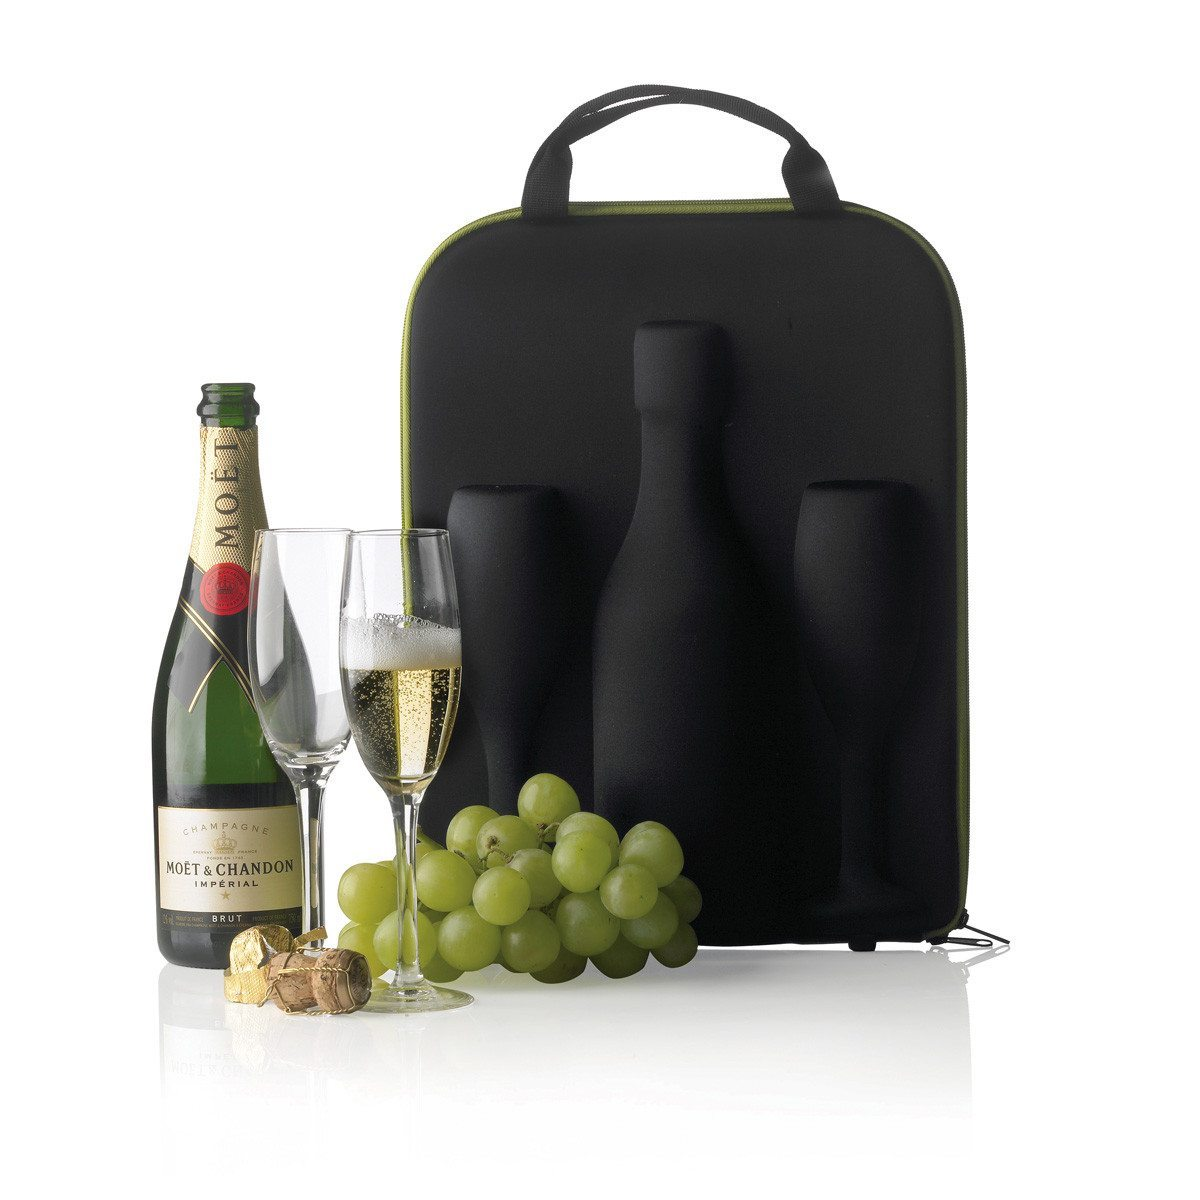 Flute - Die Champagnertasche für gemütliche Stunden zu Zweit